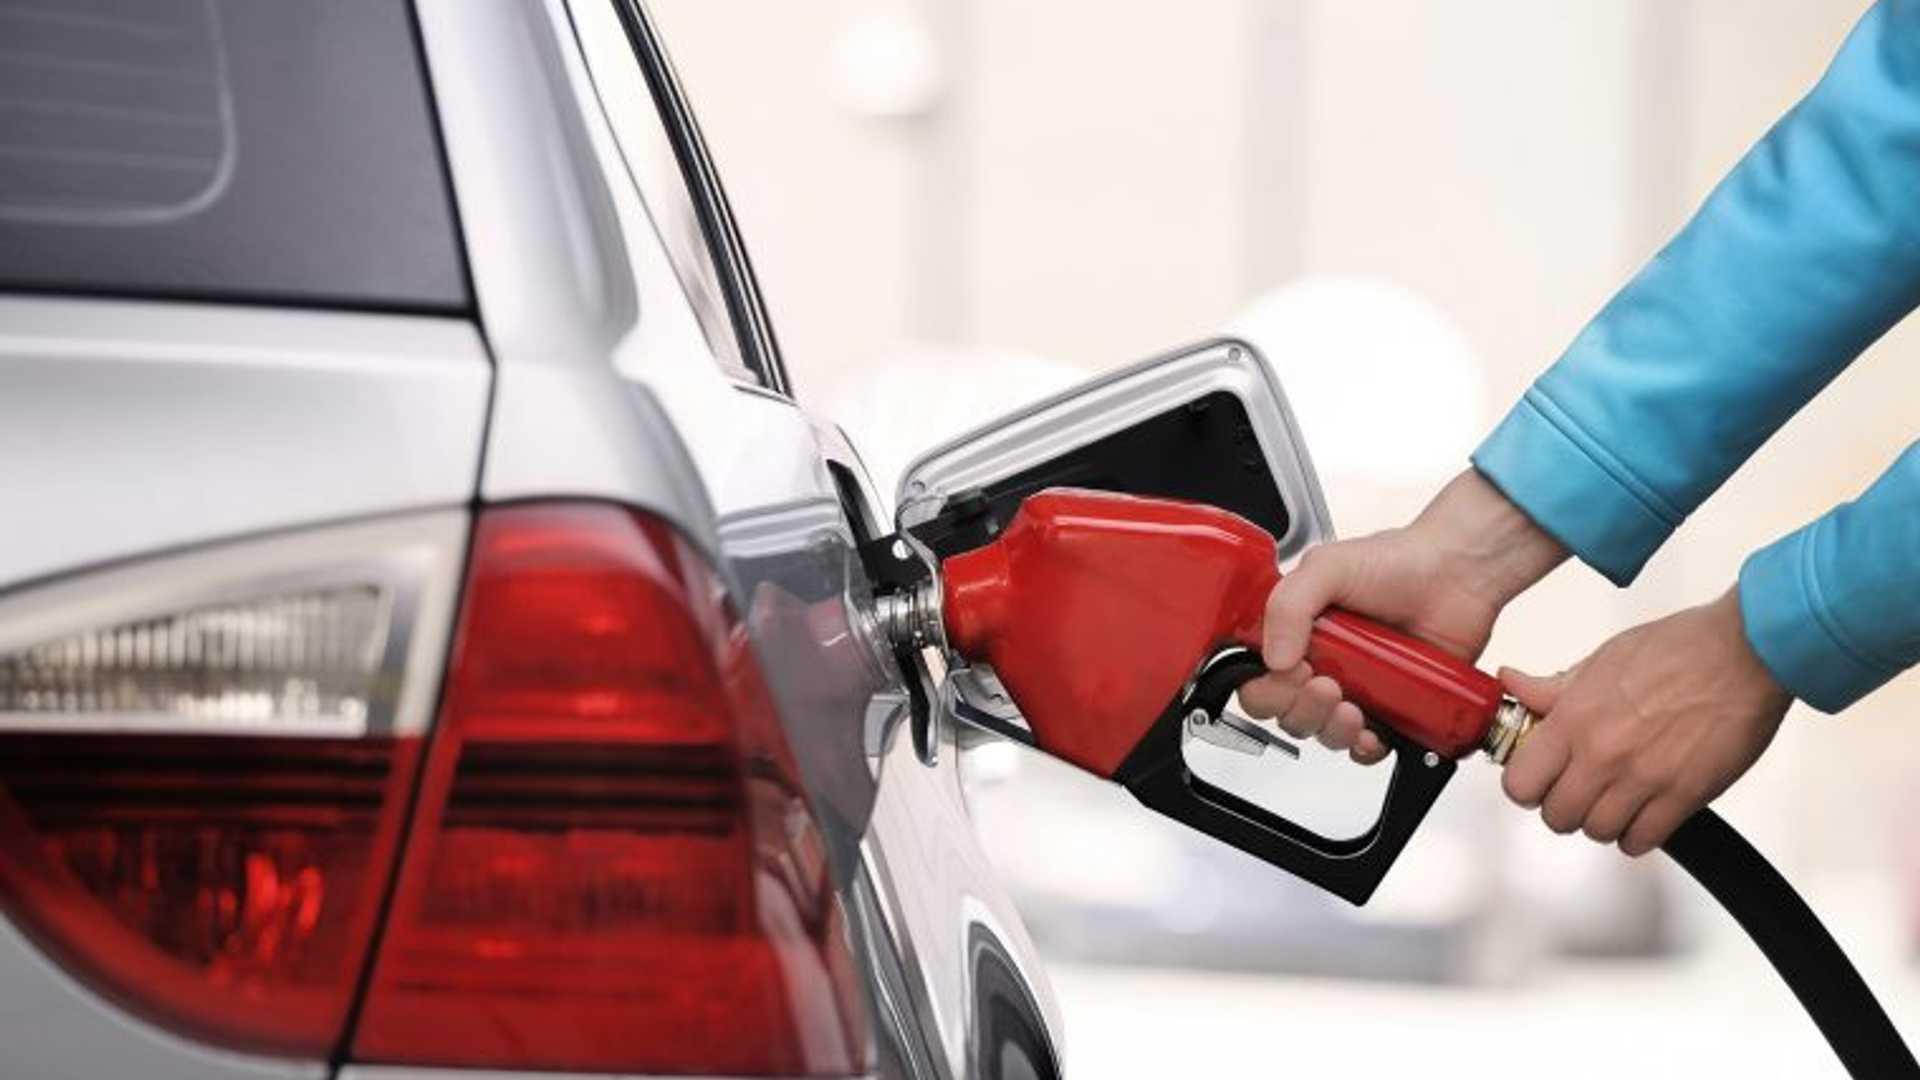 Некоторые эксперты утверждают, что низкие цены на газ повредят Tesla и отрасли электромобилей